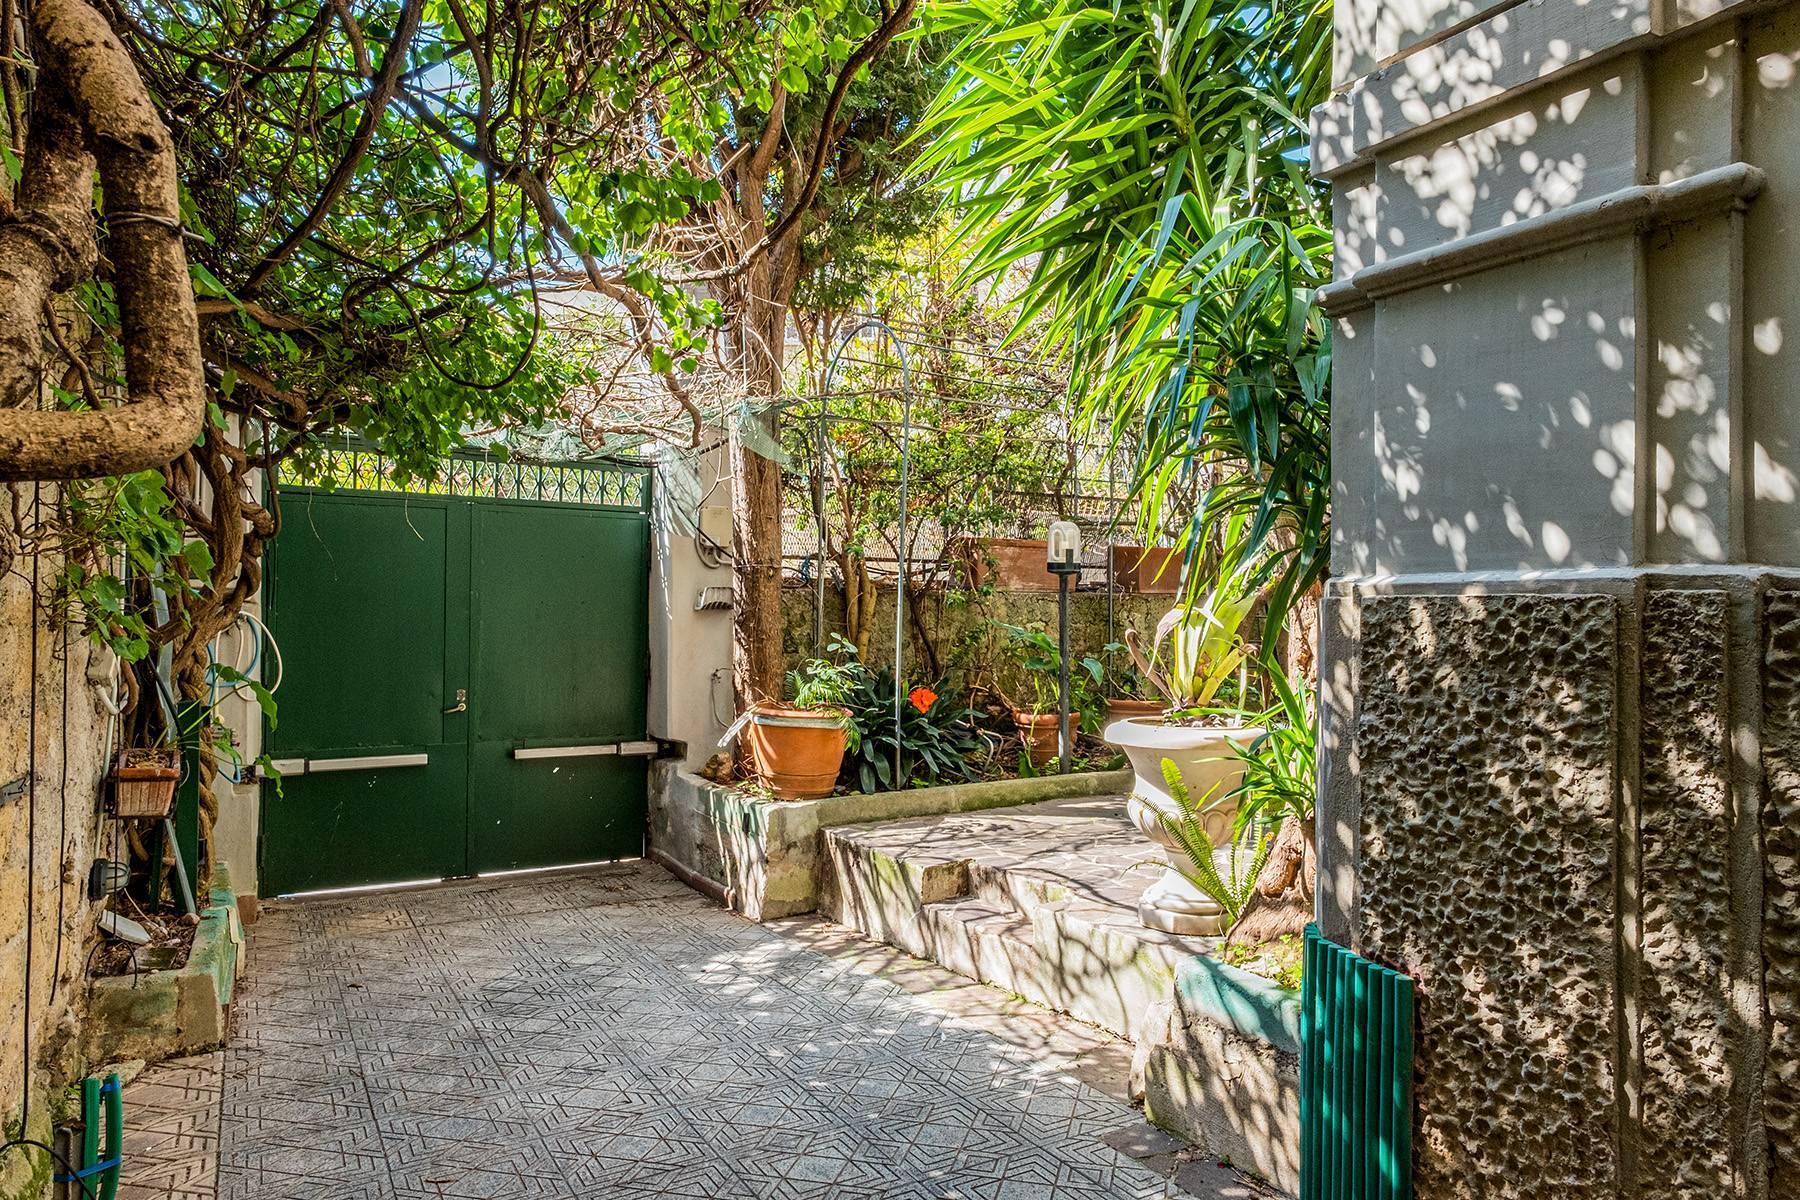 Eclettica dimora indipendente con terrazza e giardino - 20